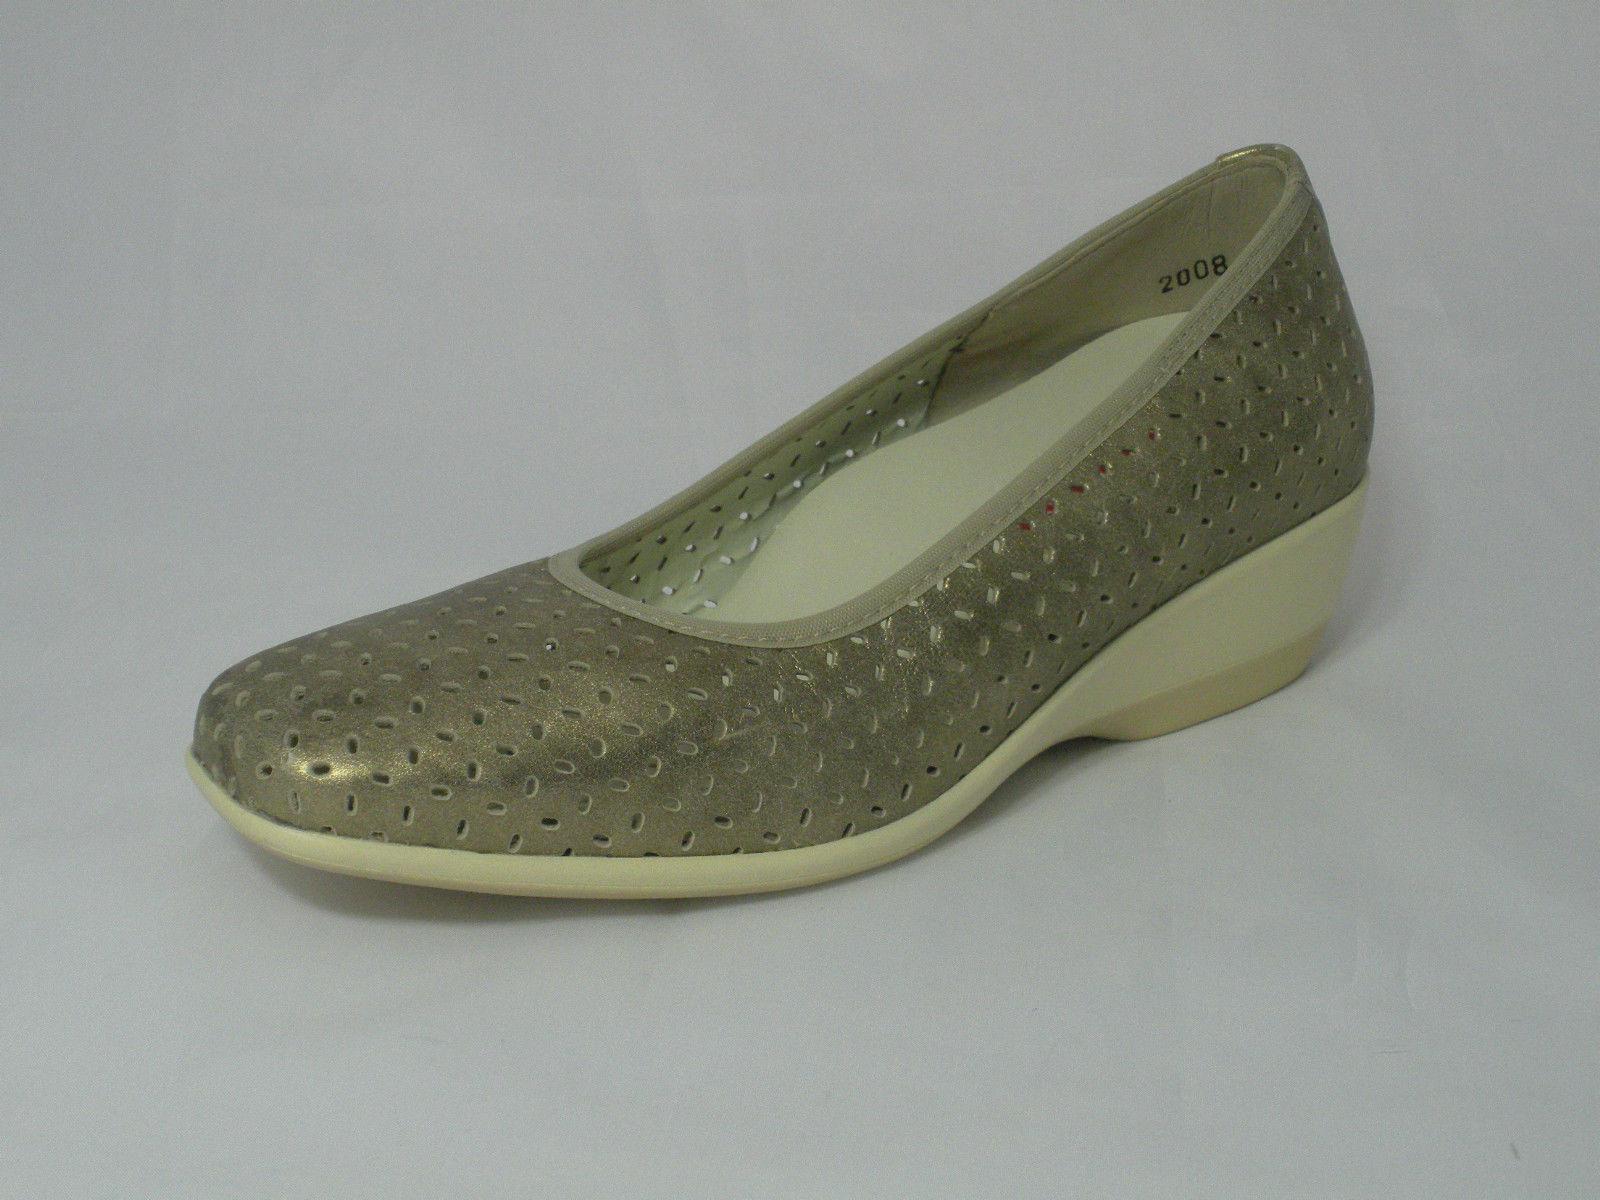 SCARPE MELLUSO DONNA Decoltè CON ZEPPA COMFORT R3390 ALBA MADE IN ITALY scarpe   Abbiamo ricevuto lodi dai nostri clienti.    Uomo/Donne Scarpa